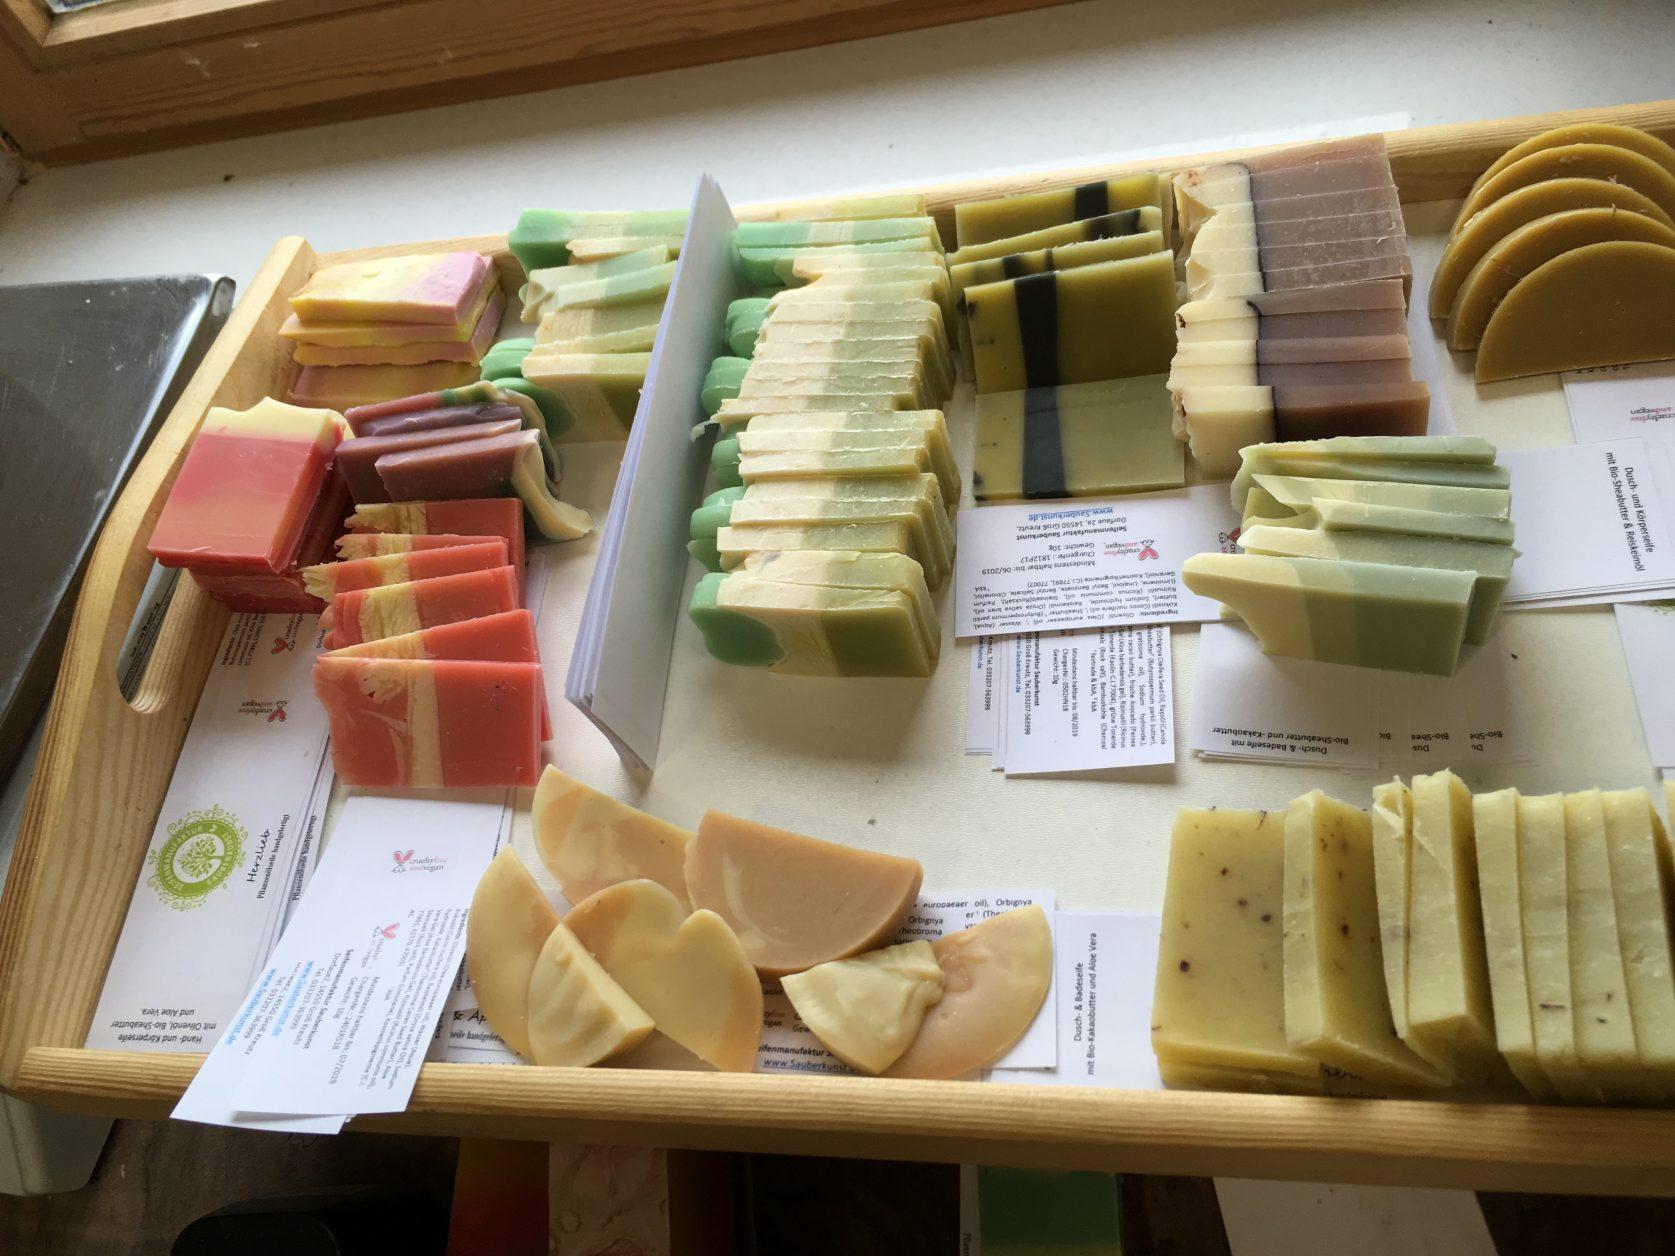 Jedes Stück Seife wird per Hand etikettiert. Foto: Weirauch